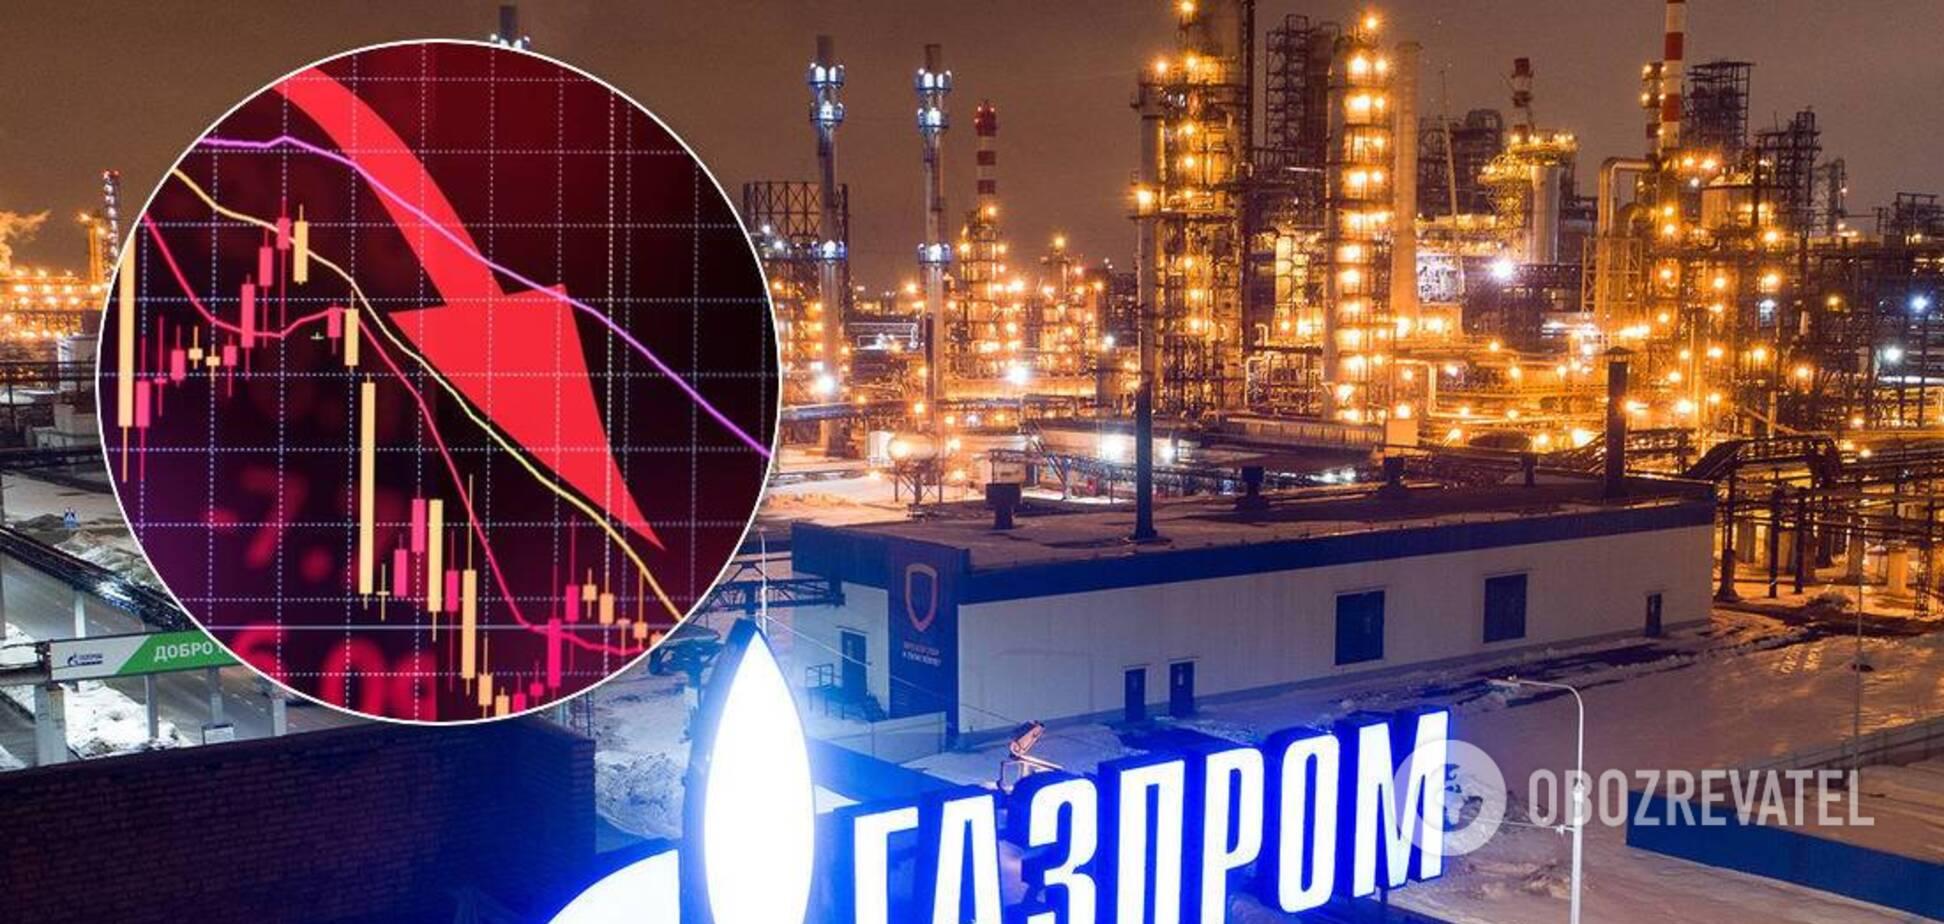 У Росії визнали провал з газифікацією одного з найбільших регіонів